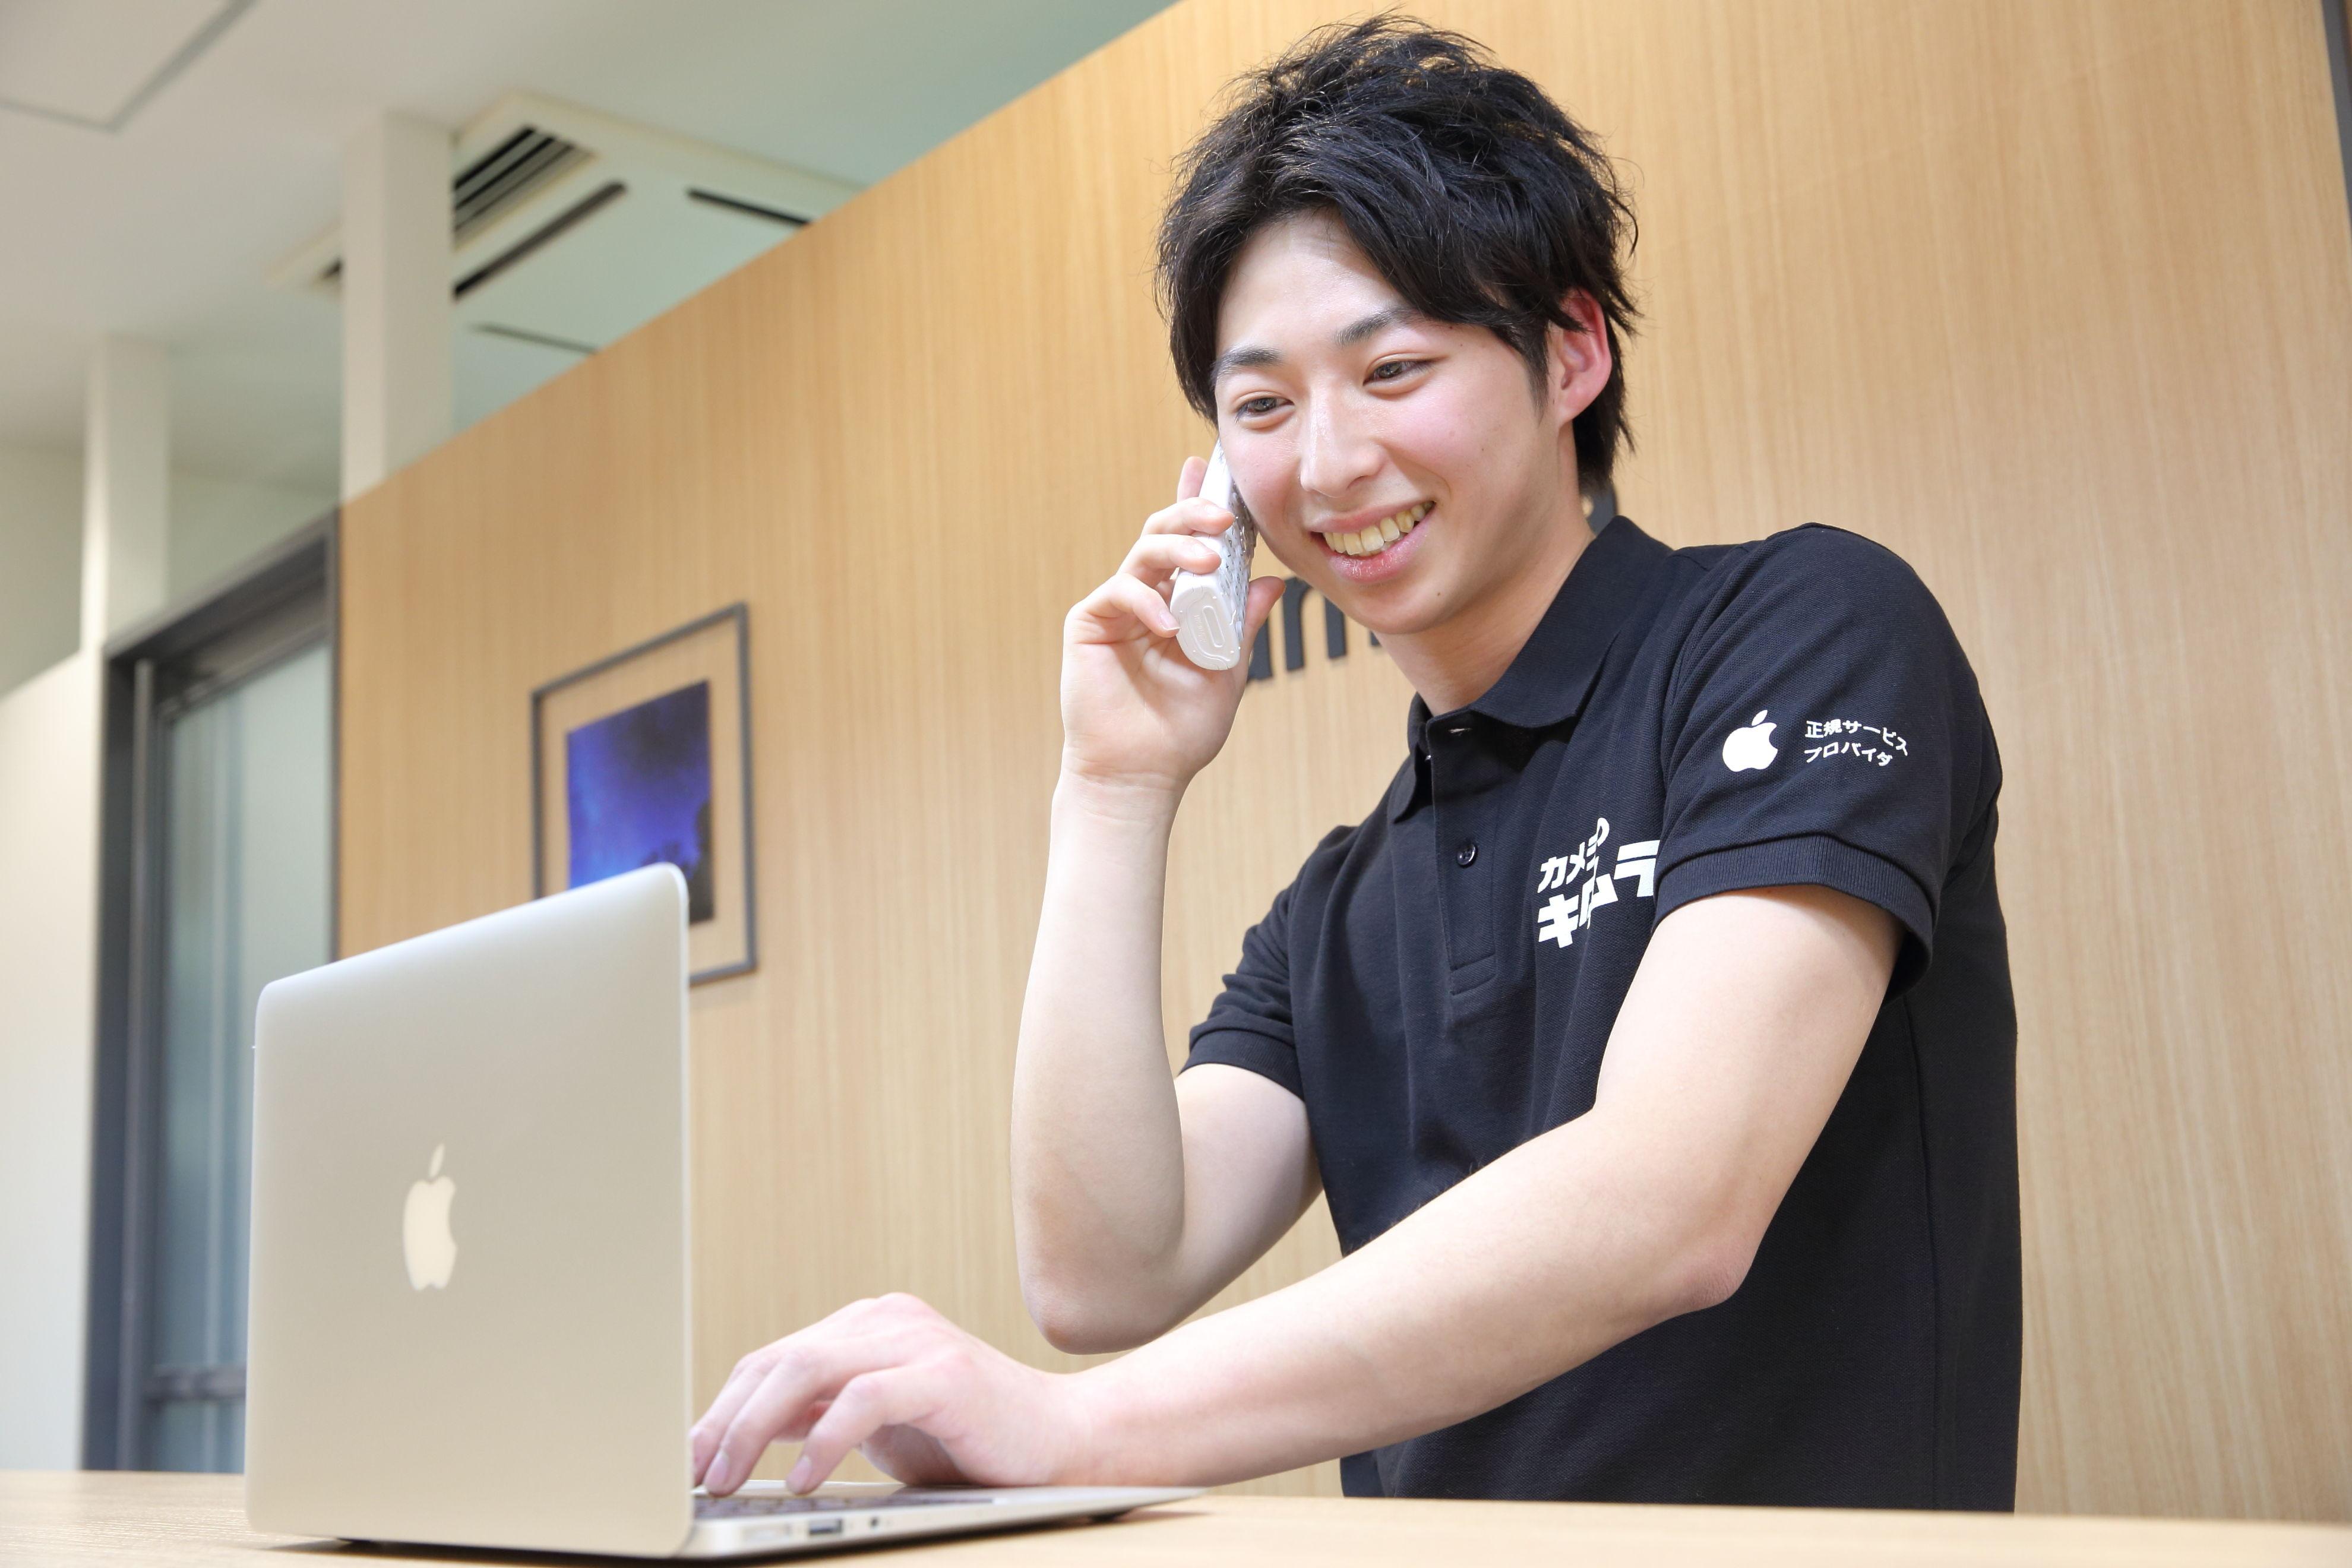 カメラのキタムラ アップル製品サービス 大分/アミュプラザおおいた店 のアルバイト情報